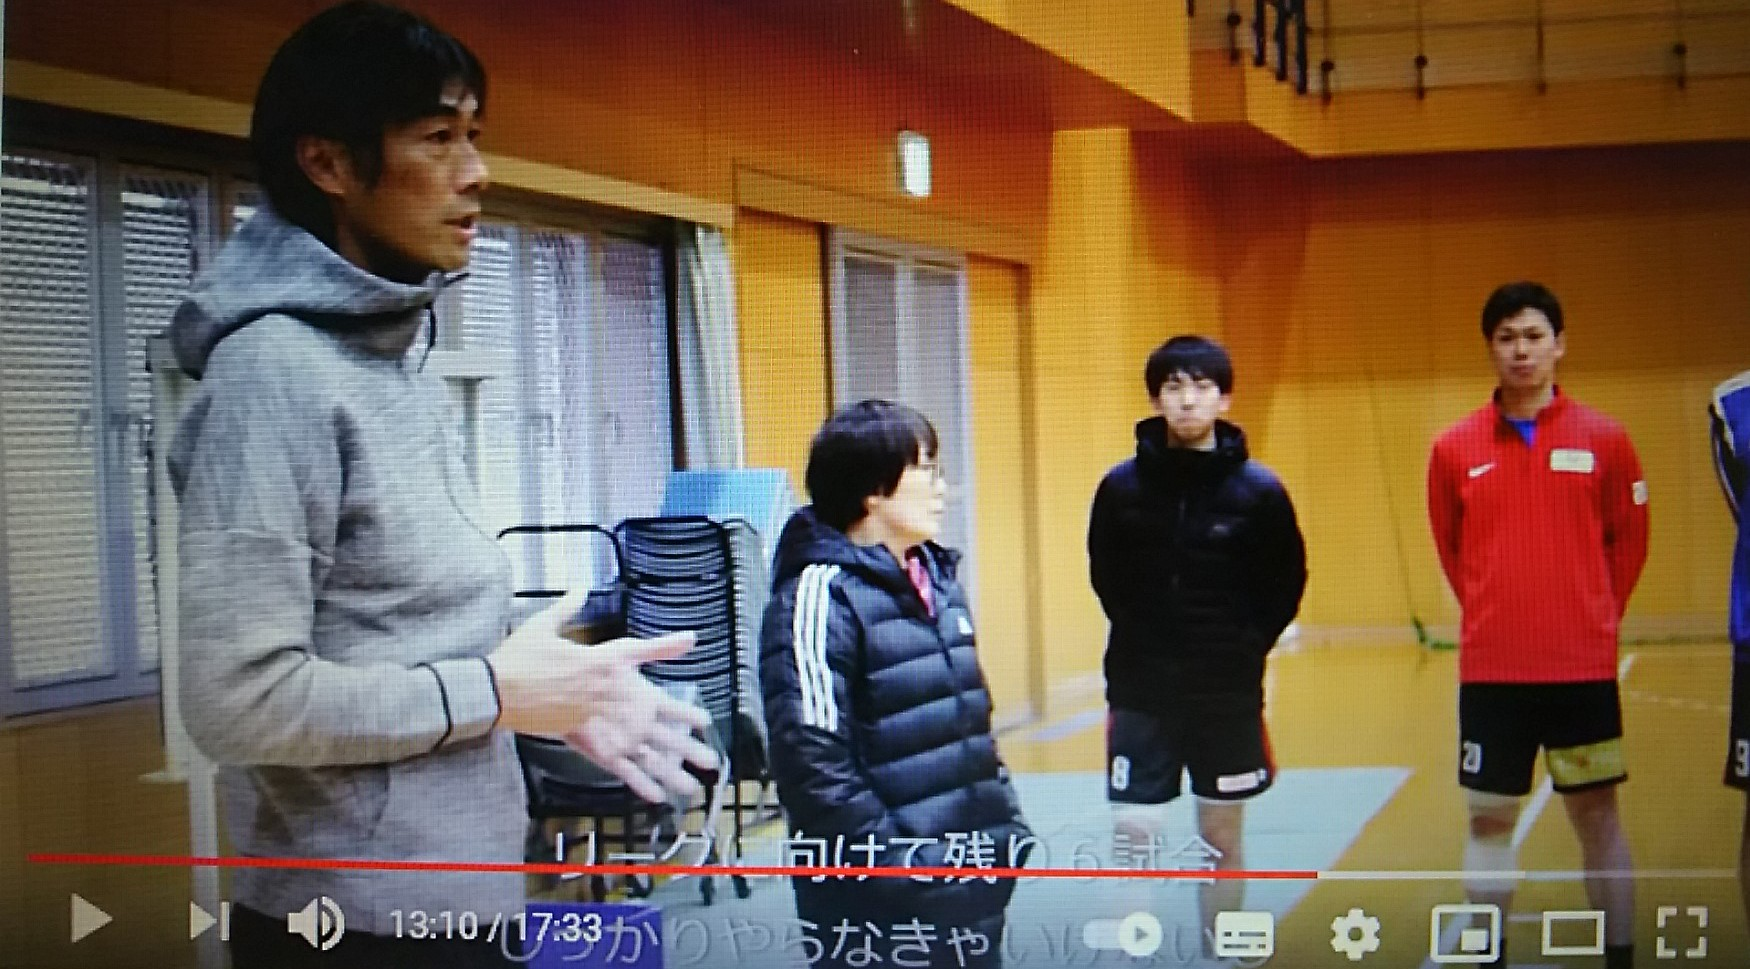 【メディア】ドキュメンタリー「CHANGE」第5弾公開!必見です(2月3日)